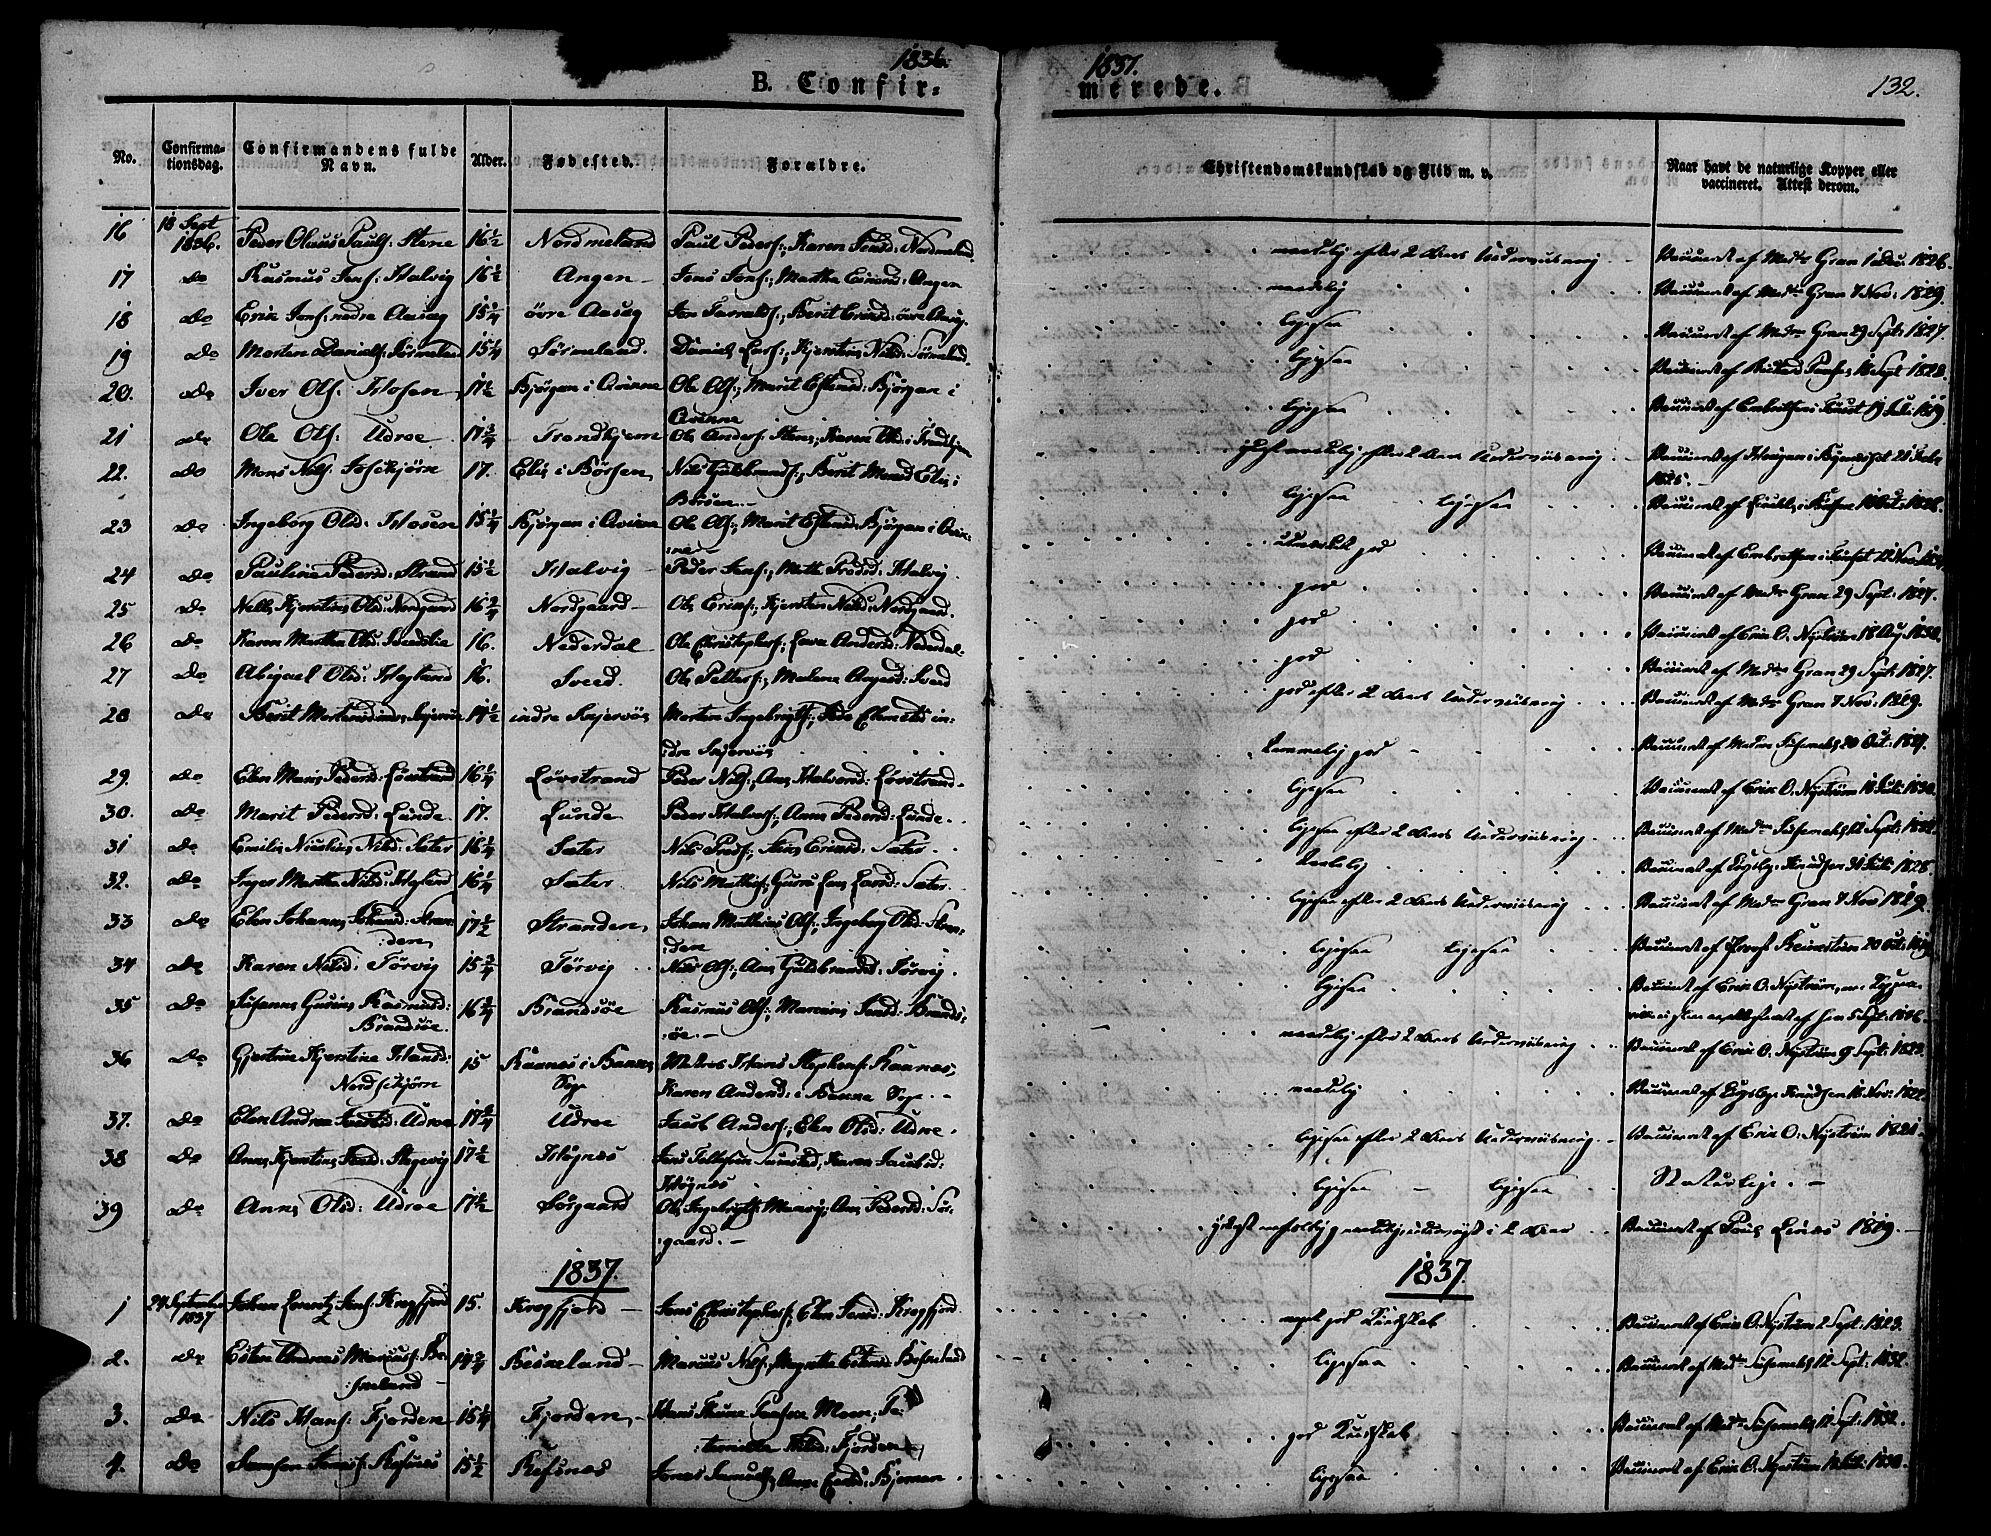 SAT, Ministerialprotokoller, klokkerbøker og fødselsregistre - Sør-Trøndelag, 657/L0703: Ministerialbok nr. 657A04, 1831-1846, s. 132